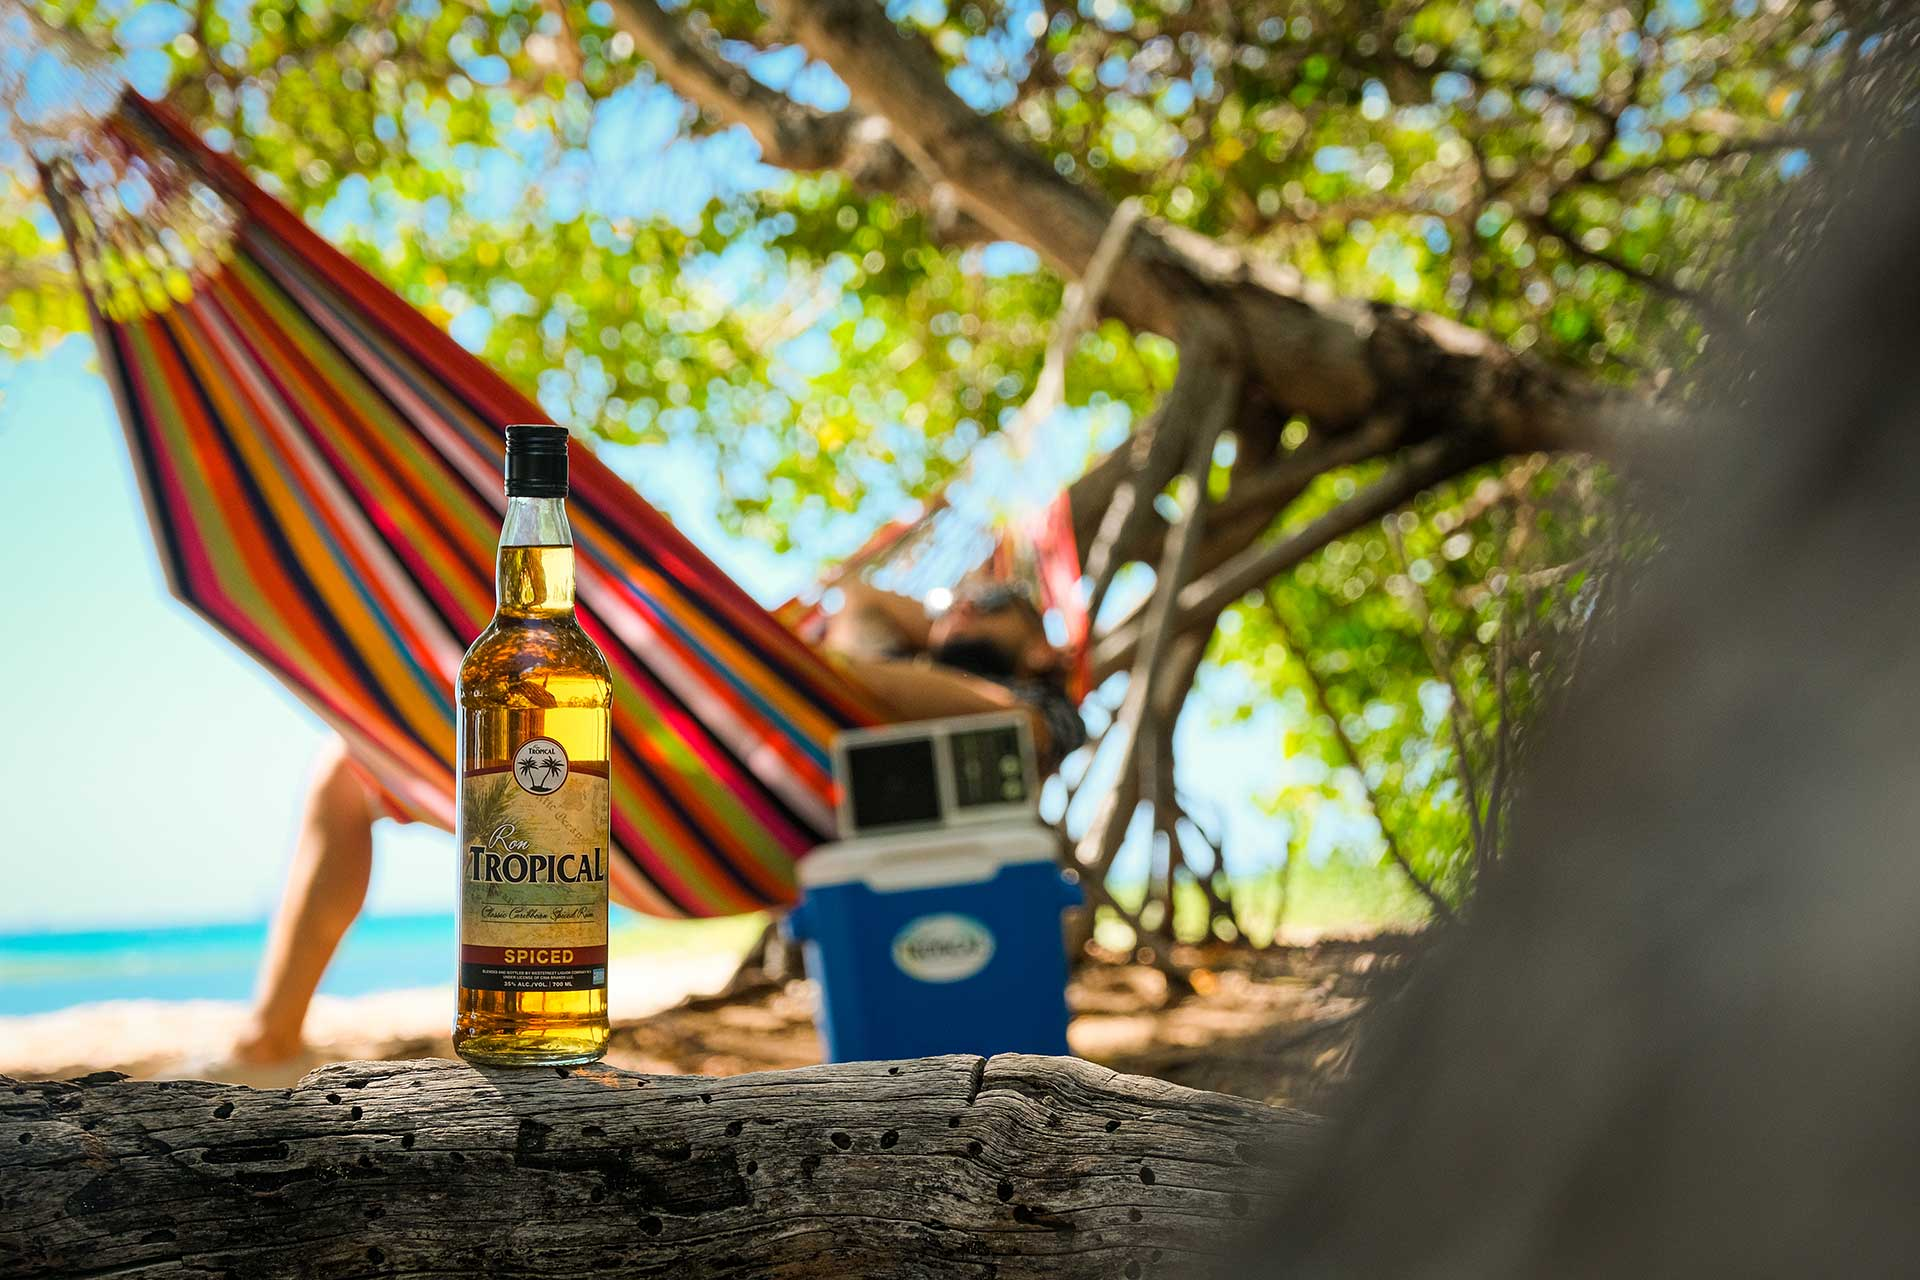 Ron tropical Aruba